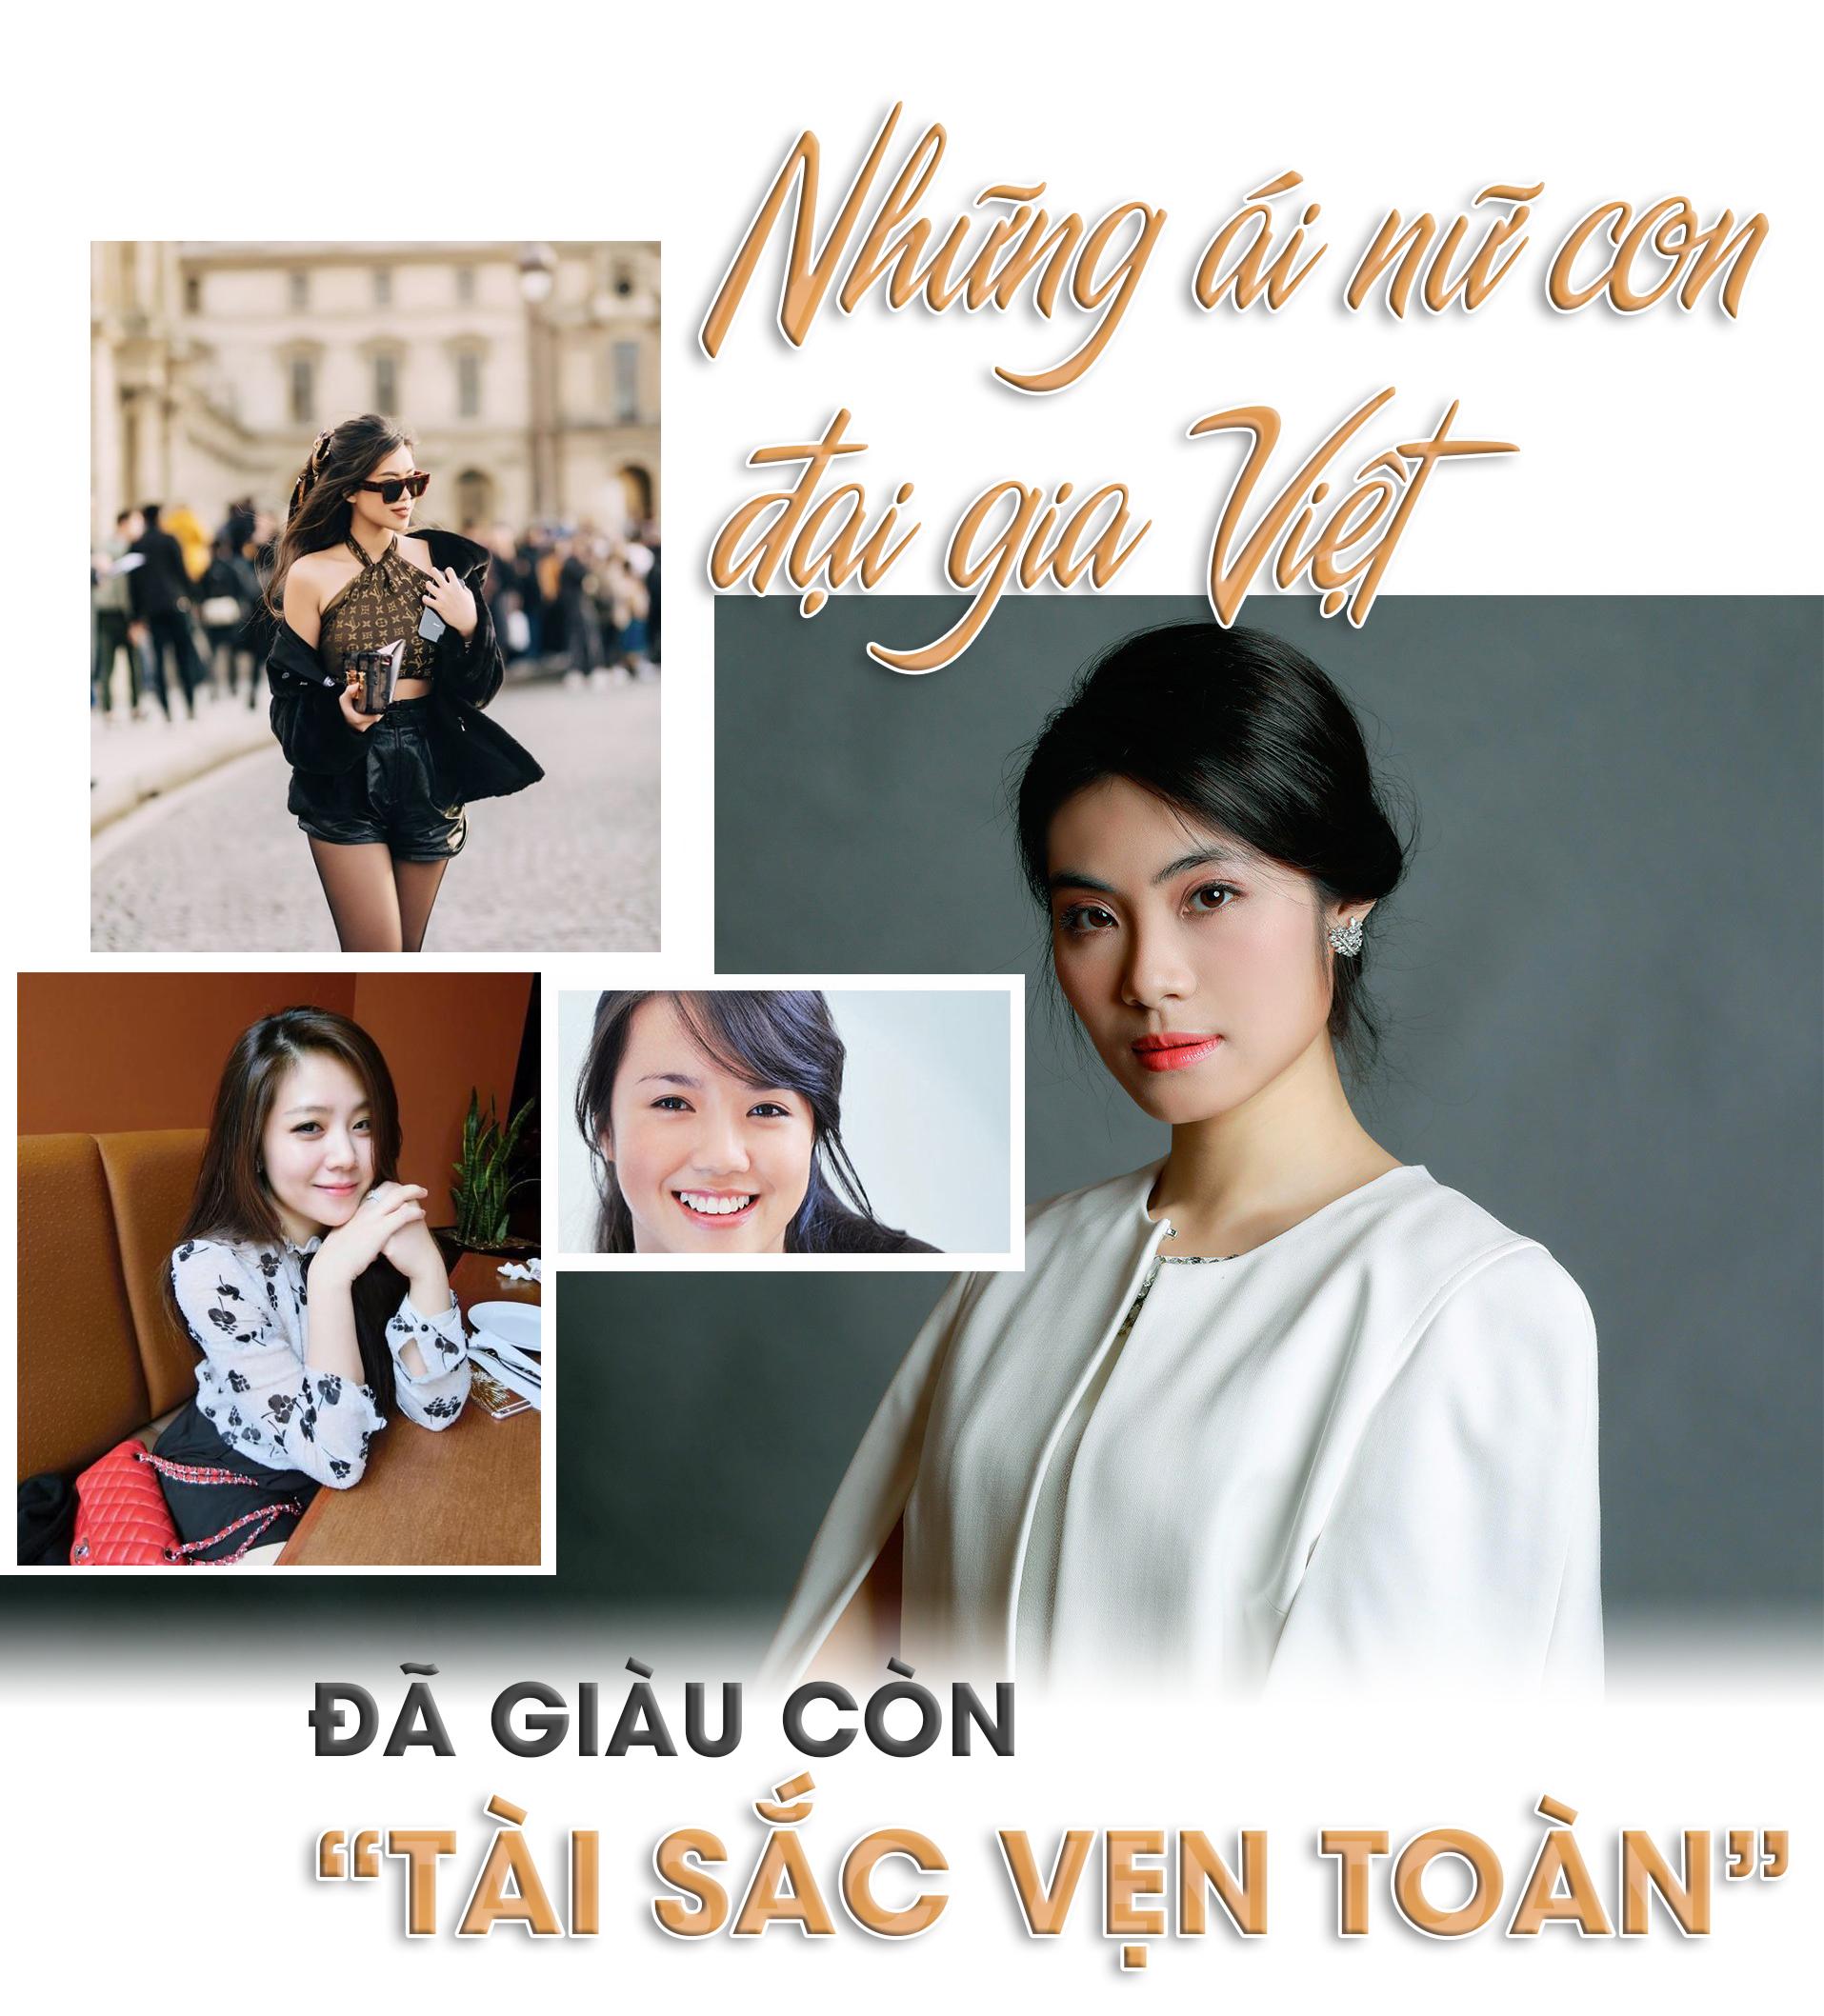 """Những ái nữ con đại gia Việt: Đã giàu còn """"tài sắc vẹn toàn"""" - 1"""